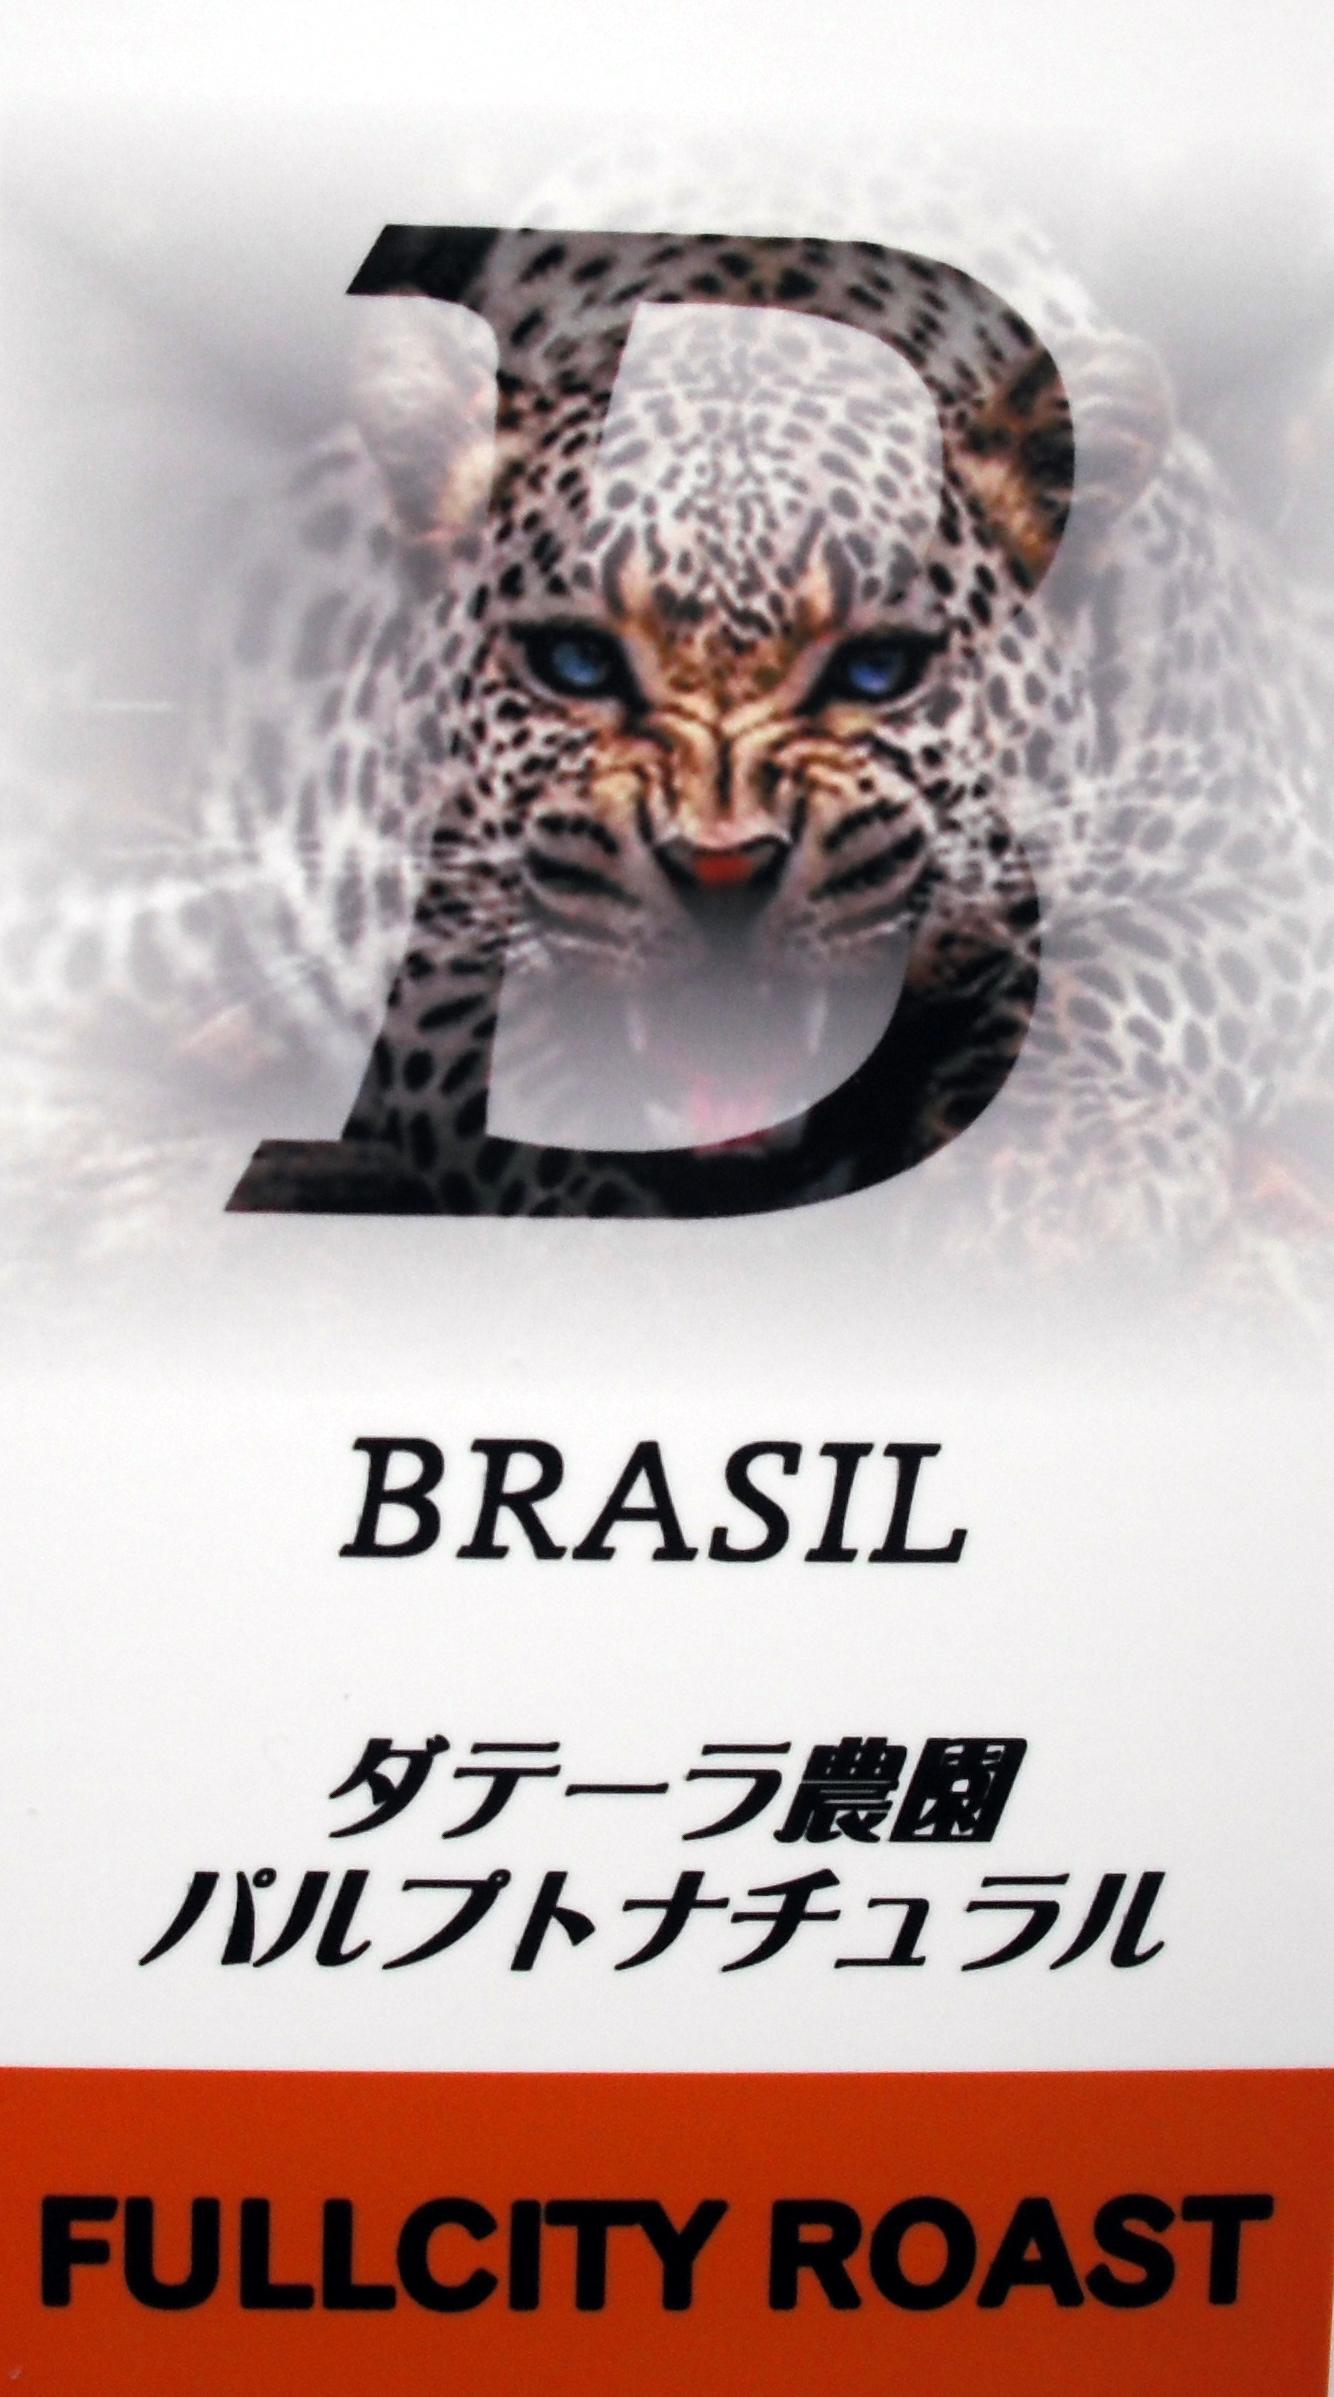 『ダテーラ』ブラジル セラード(フルシティロースト=中深煎り)200g